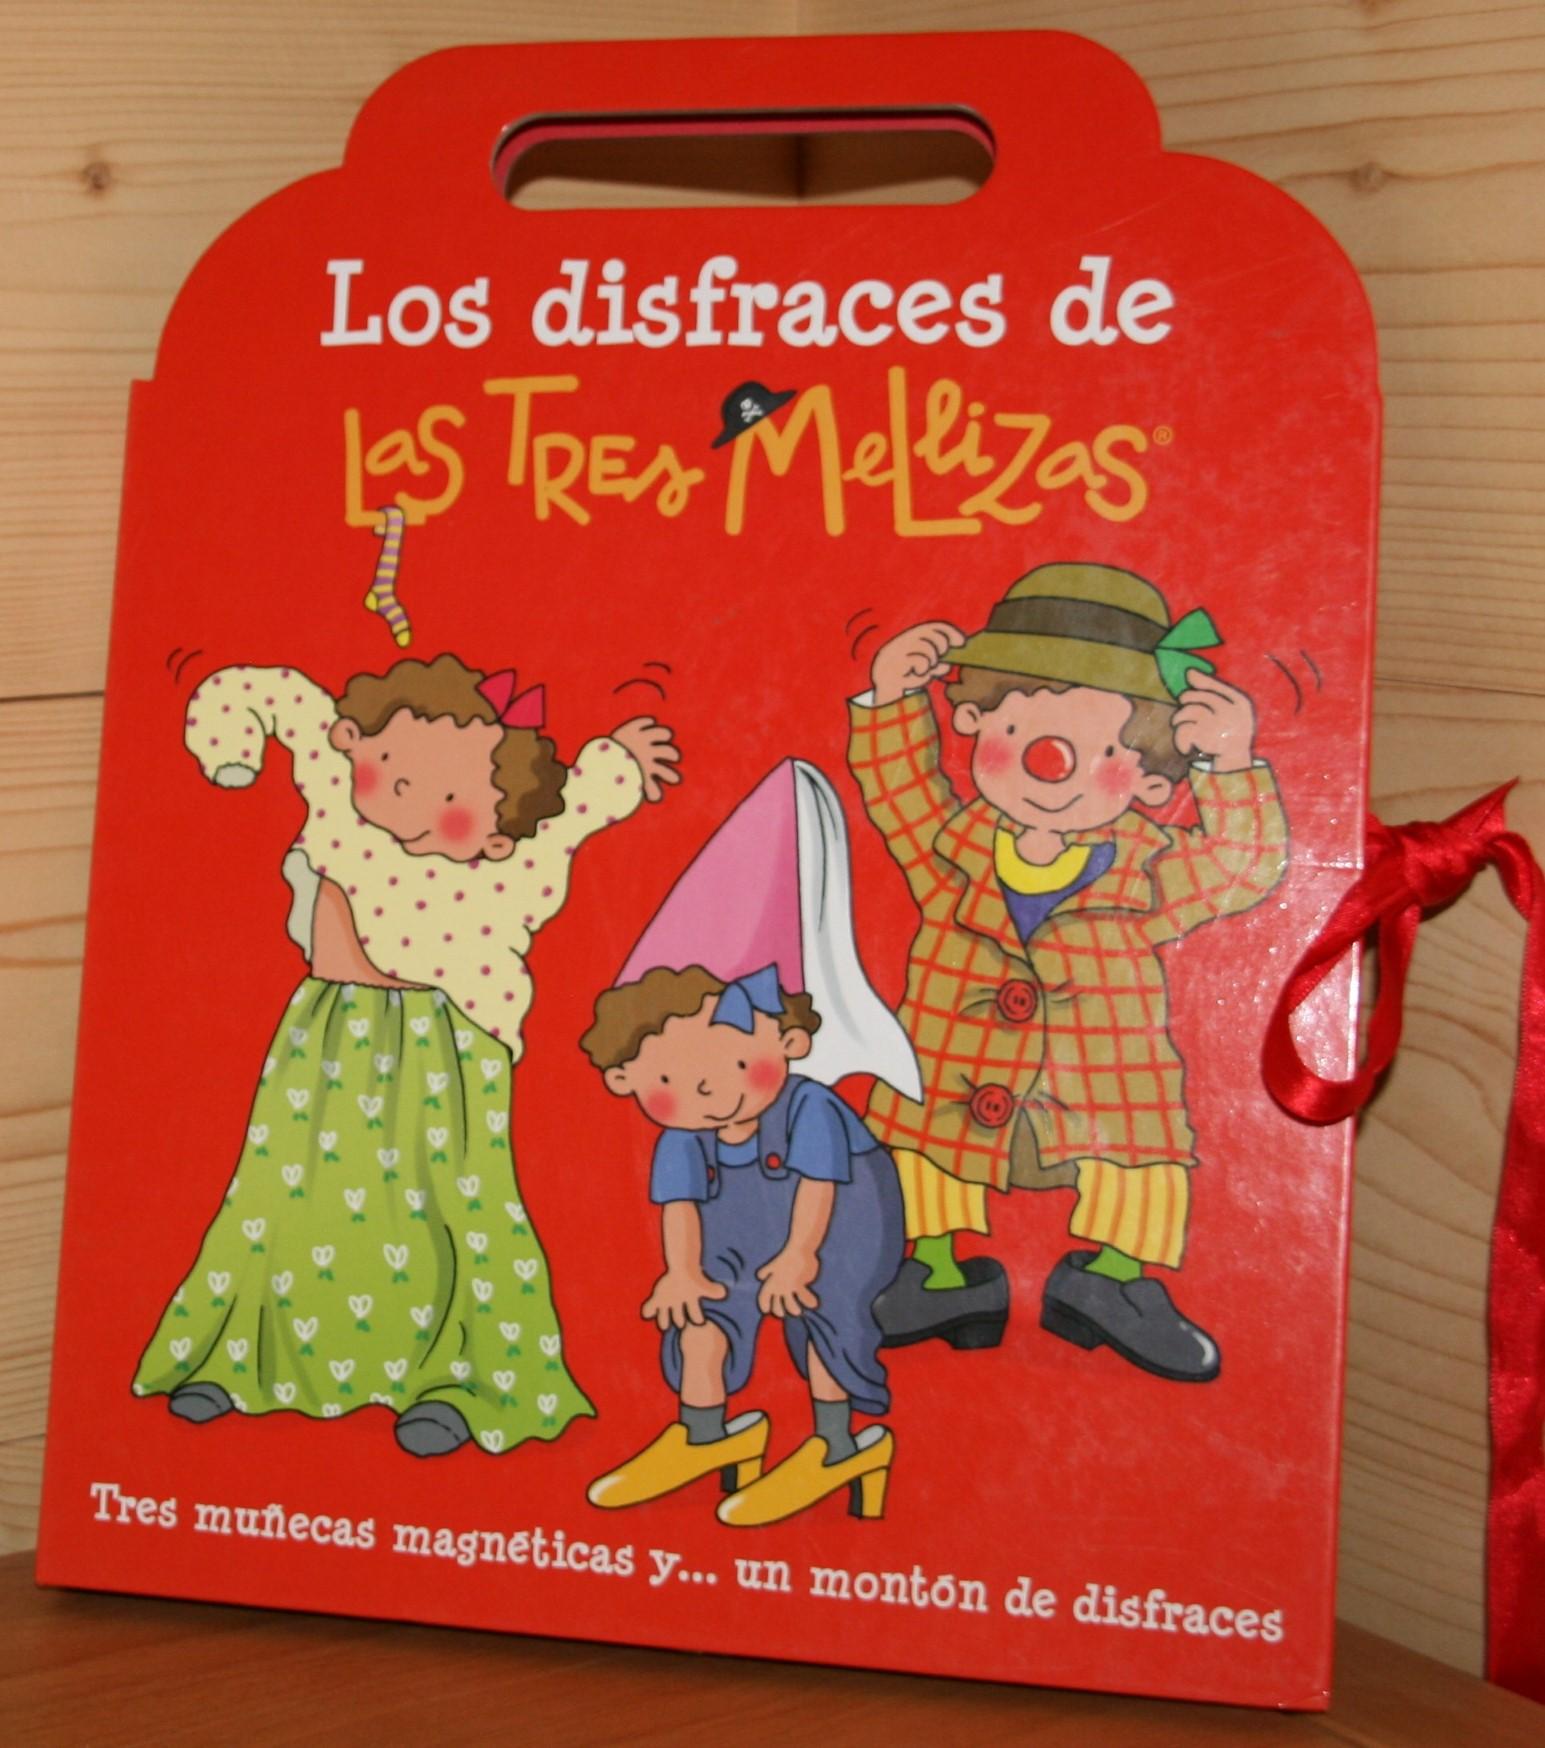 Los disfraces de Las Tres Mellizas. Tres muñecas magnéticas y un montón de difraces.